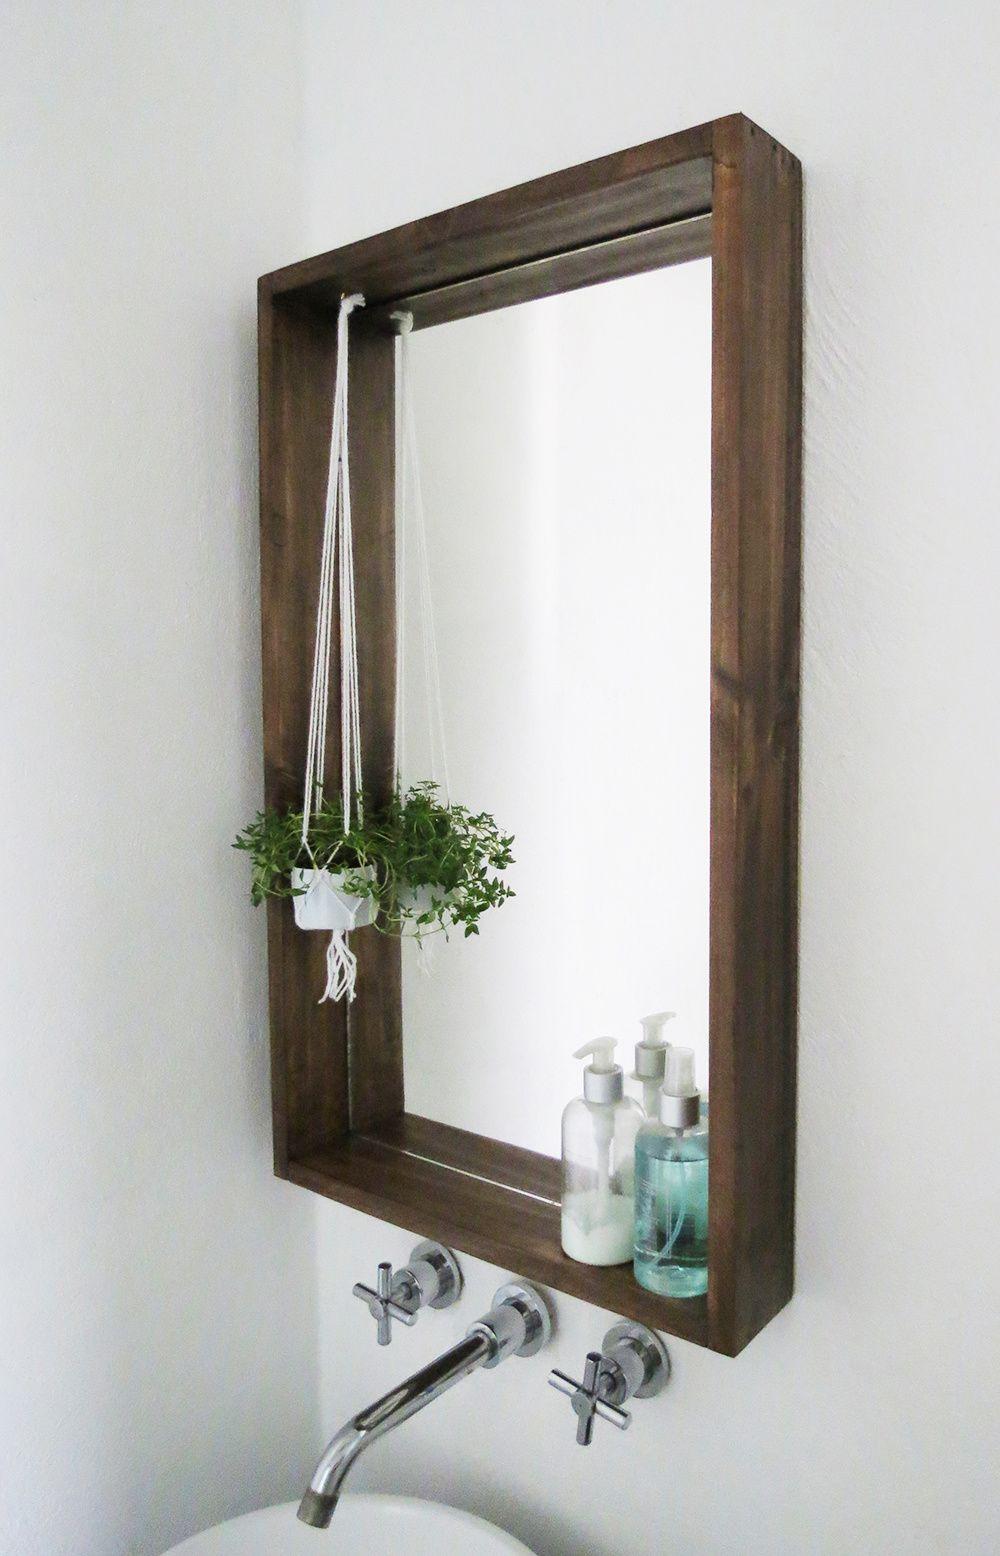 Un cadre pour le miroir de la salle de bain - IDÉES MAISON